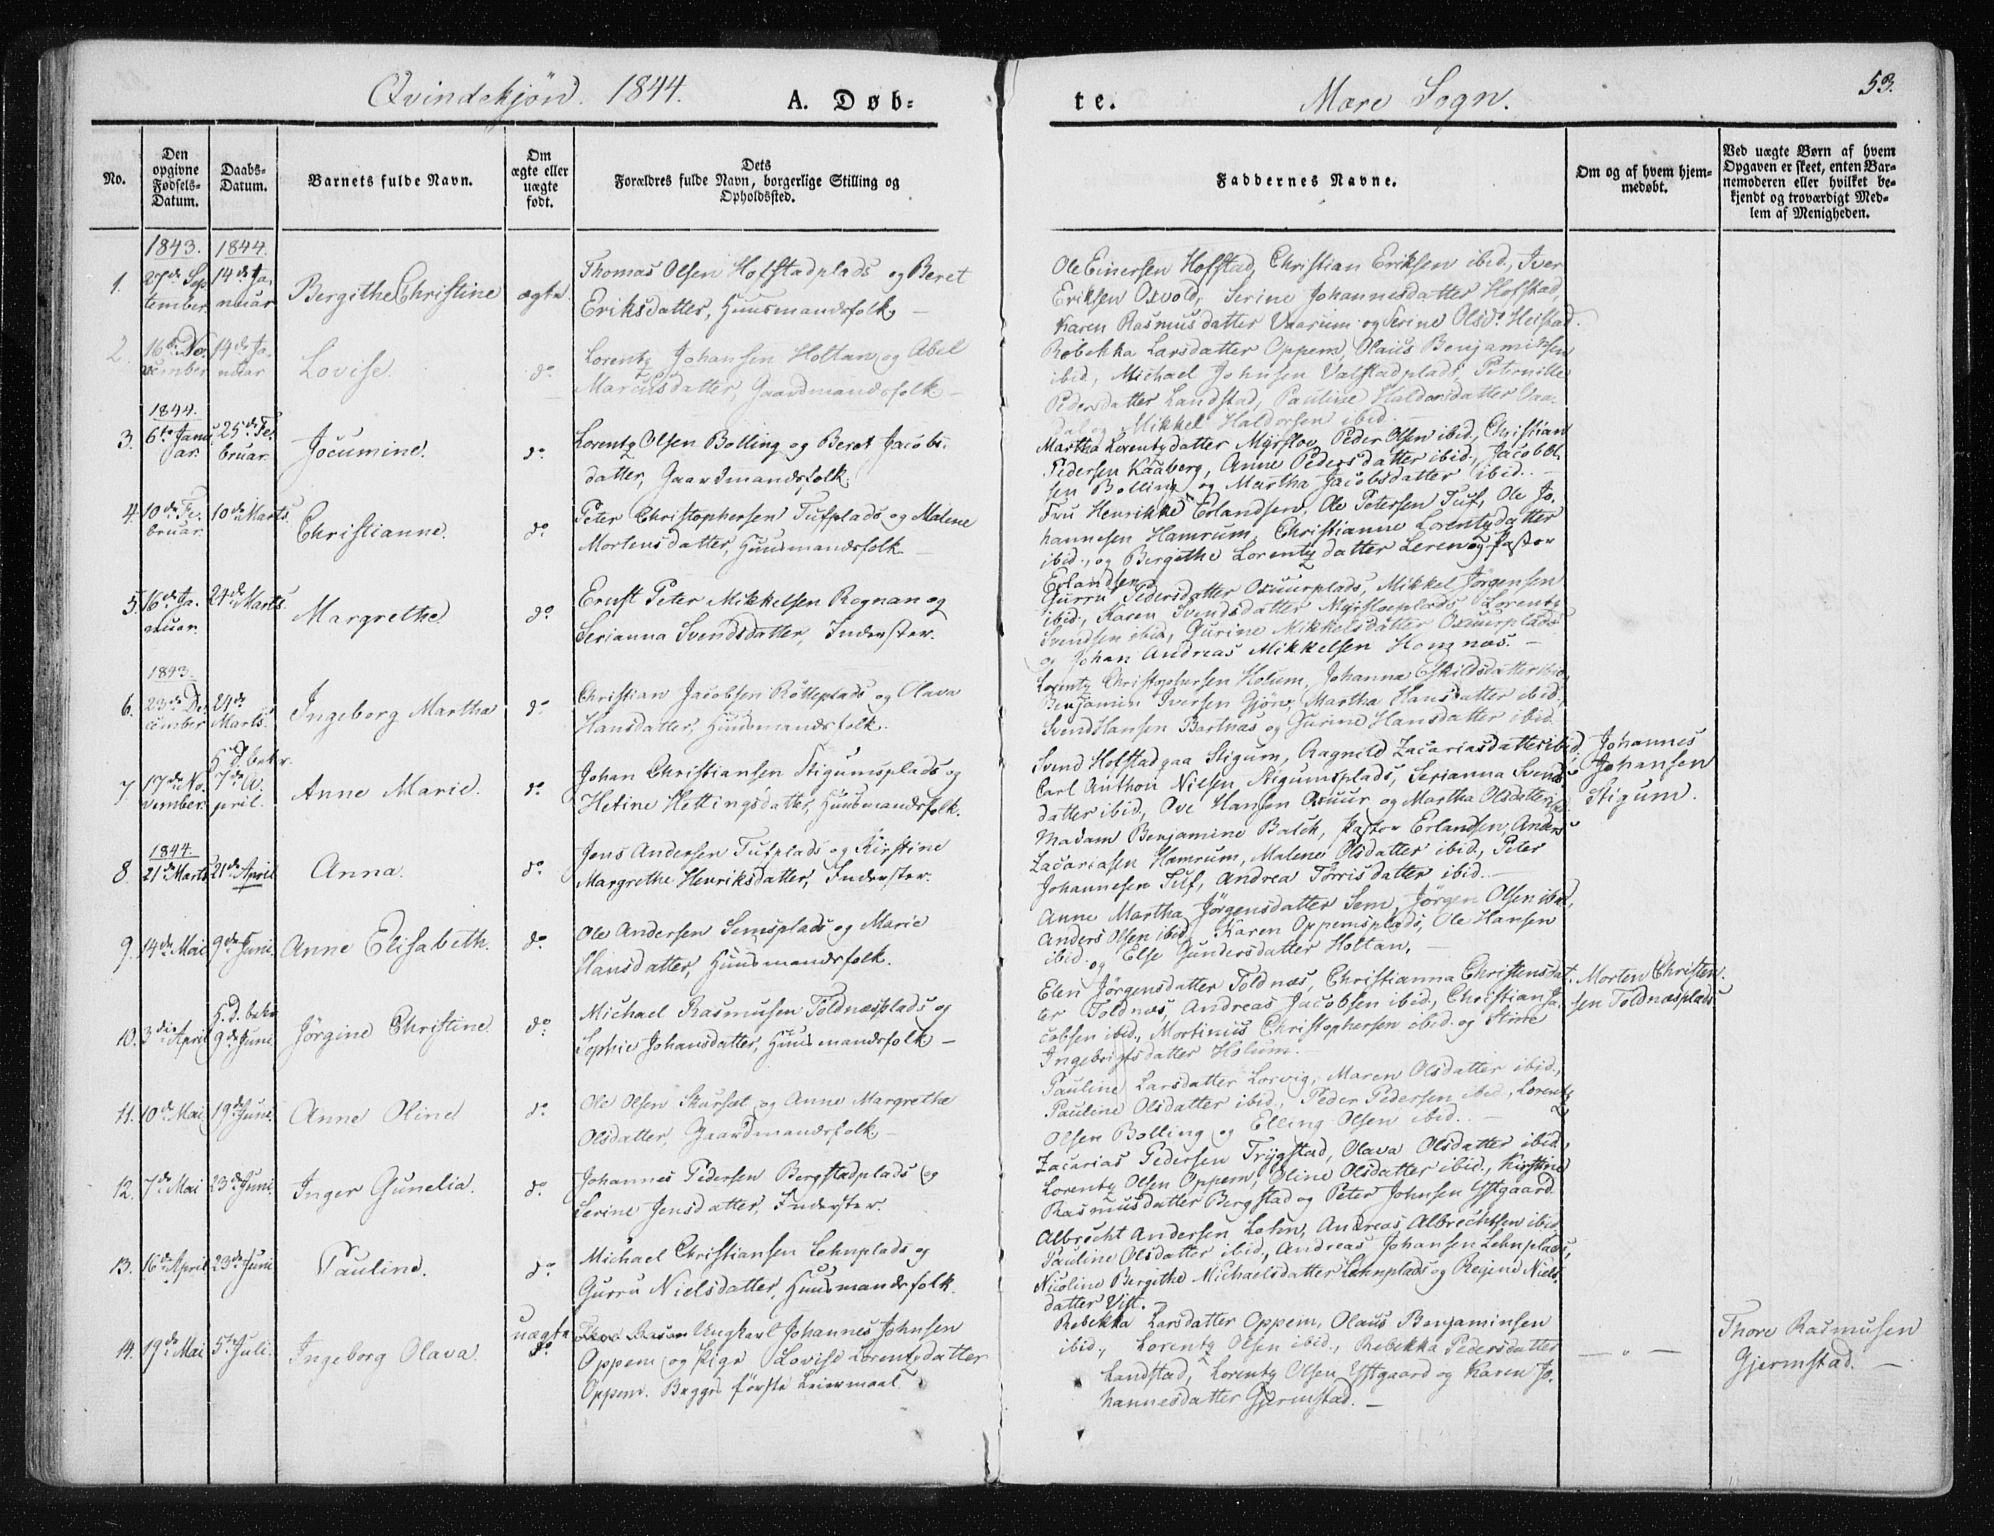 SAT, Ministerialprotokoller, klokkerbøker og fødselsregistre - Nord-Trøndelag, 735/L0339: Ministerialbok nr. 735A06 /1, 1836-1848, s. 53